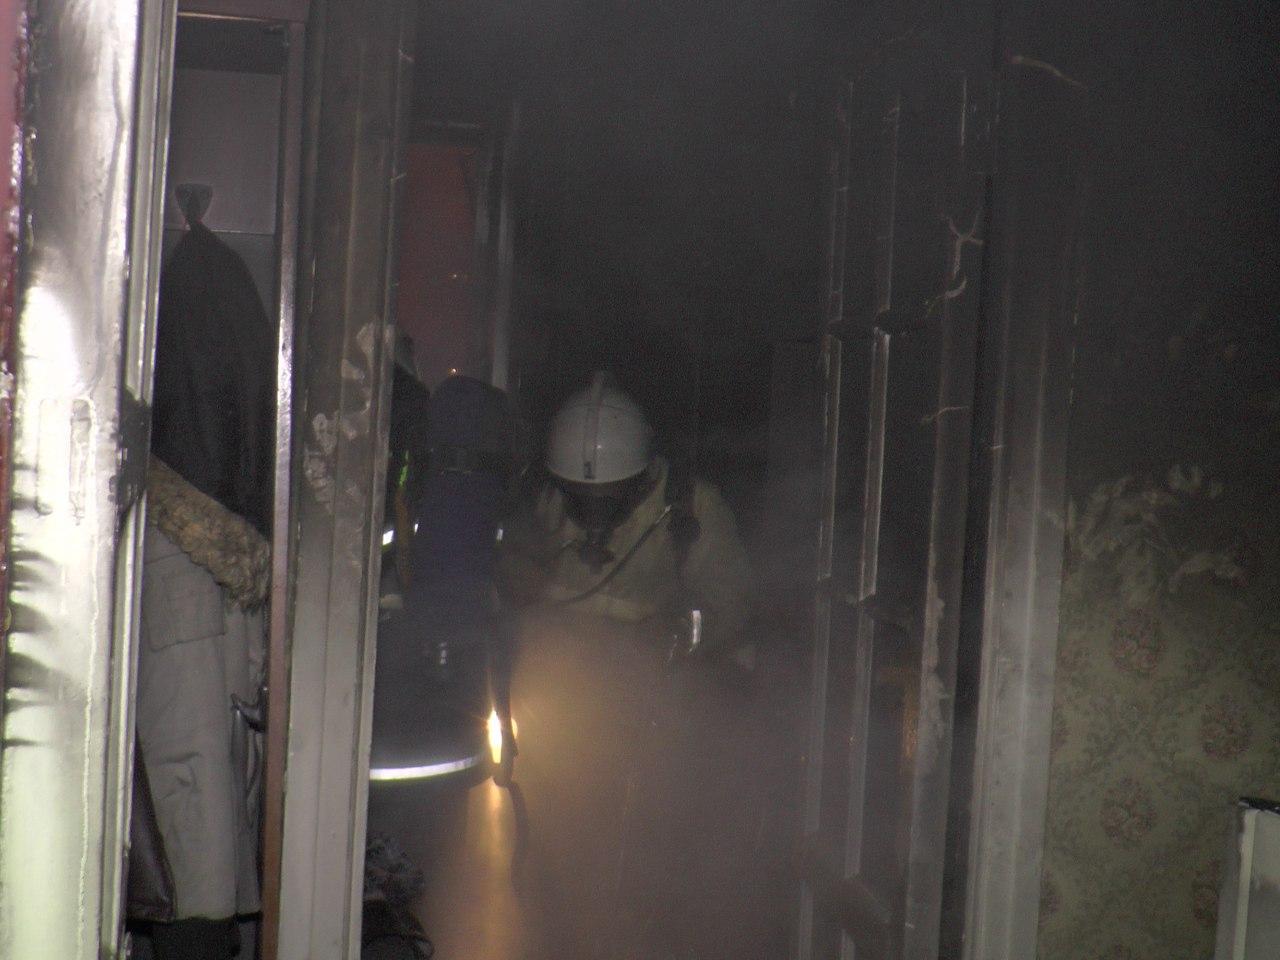 В Мурманске в горящей квартире чуть не погиб человек